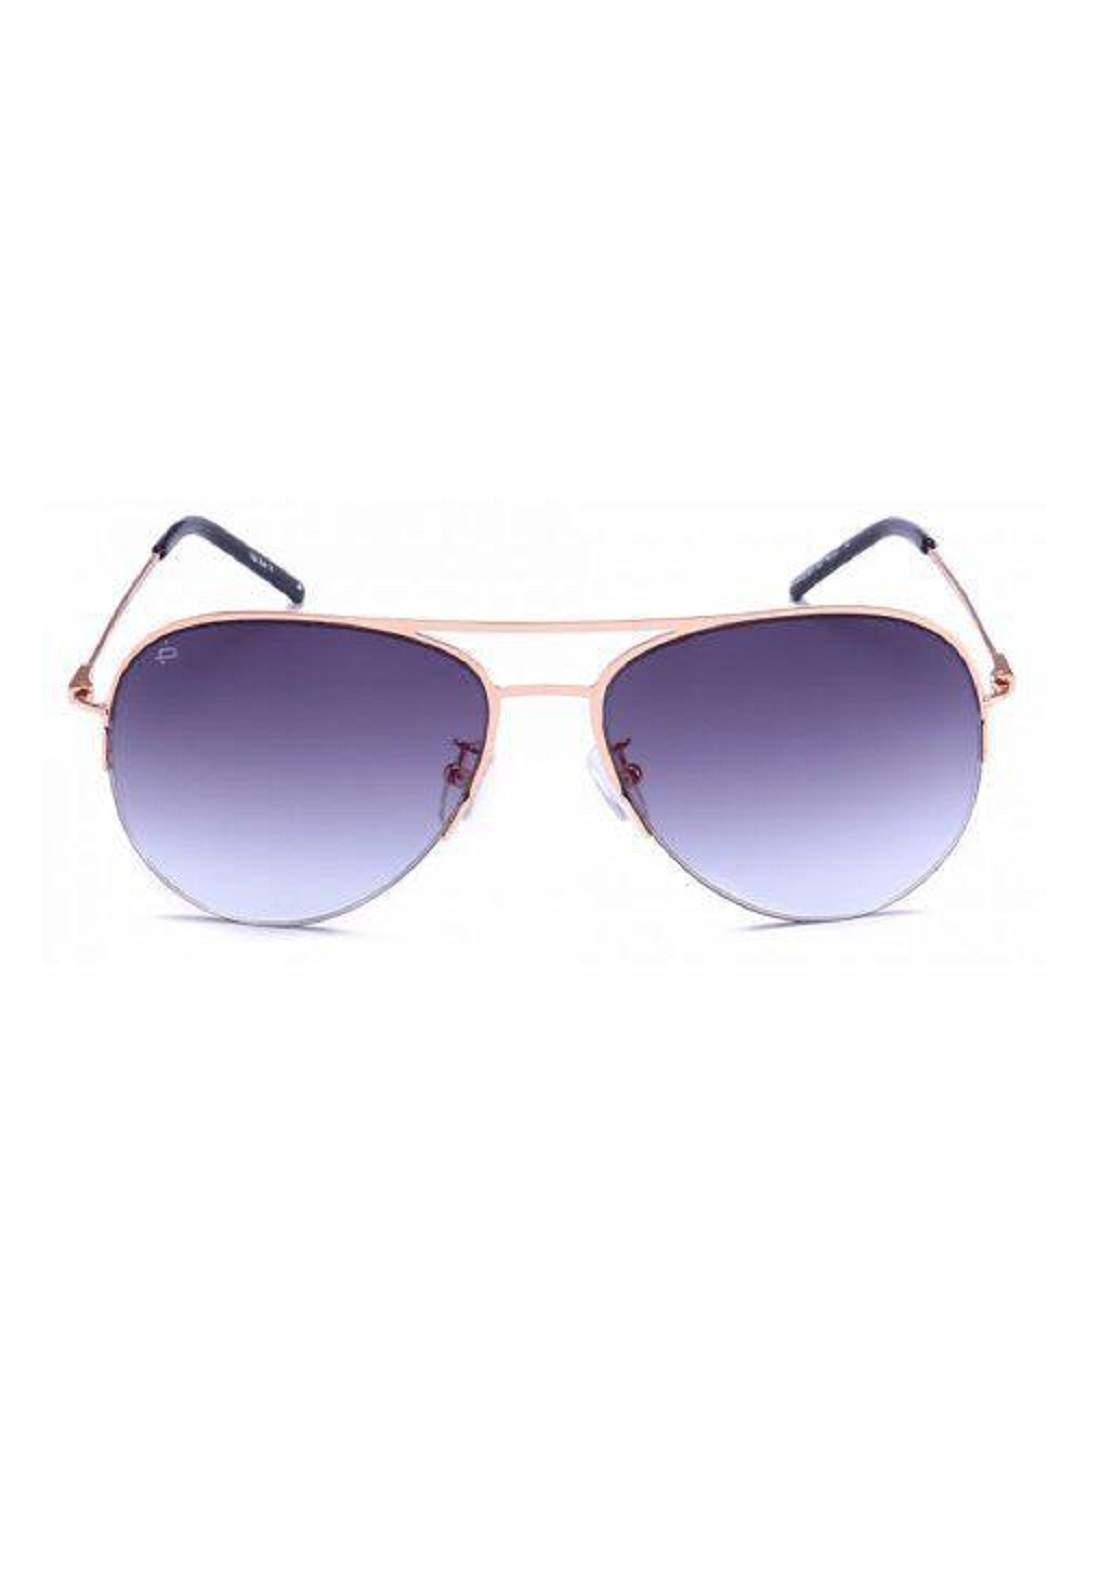 نظارات شمسية نسائية Prive Revaux The Ace بنفسجية اللون